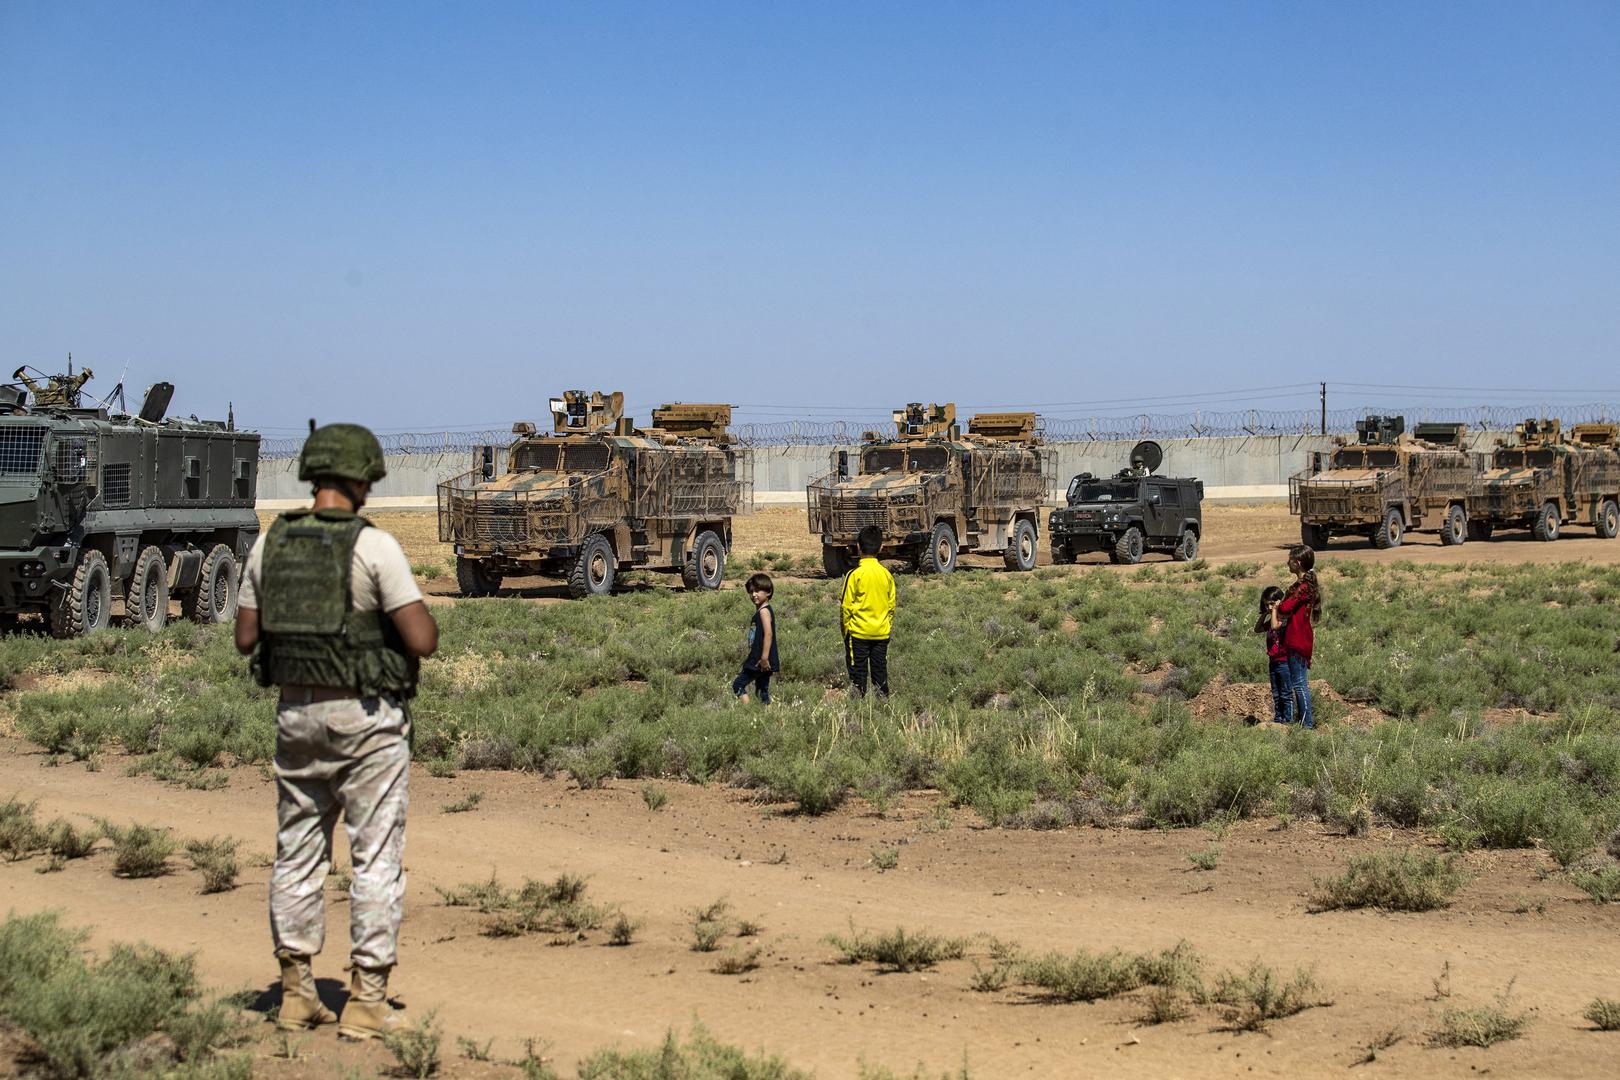 تسيير دورية روسية تركية مشتركة في ريف حلب شمال سوريا